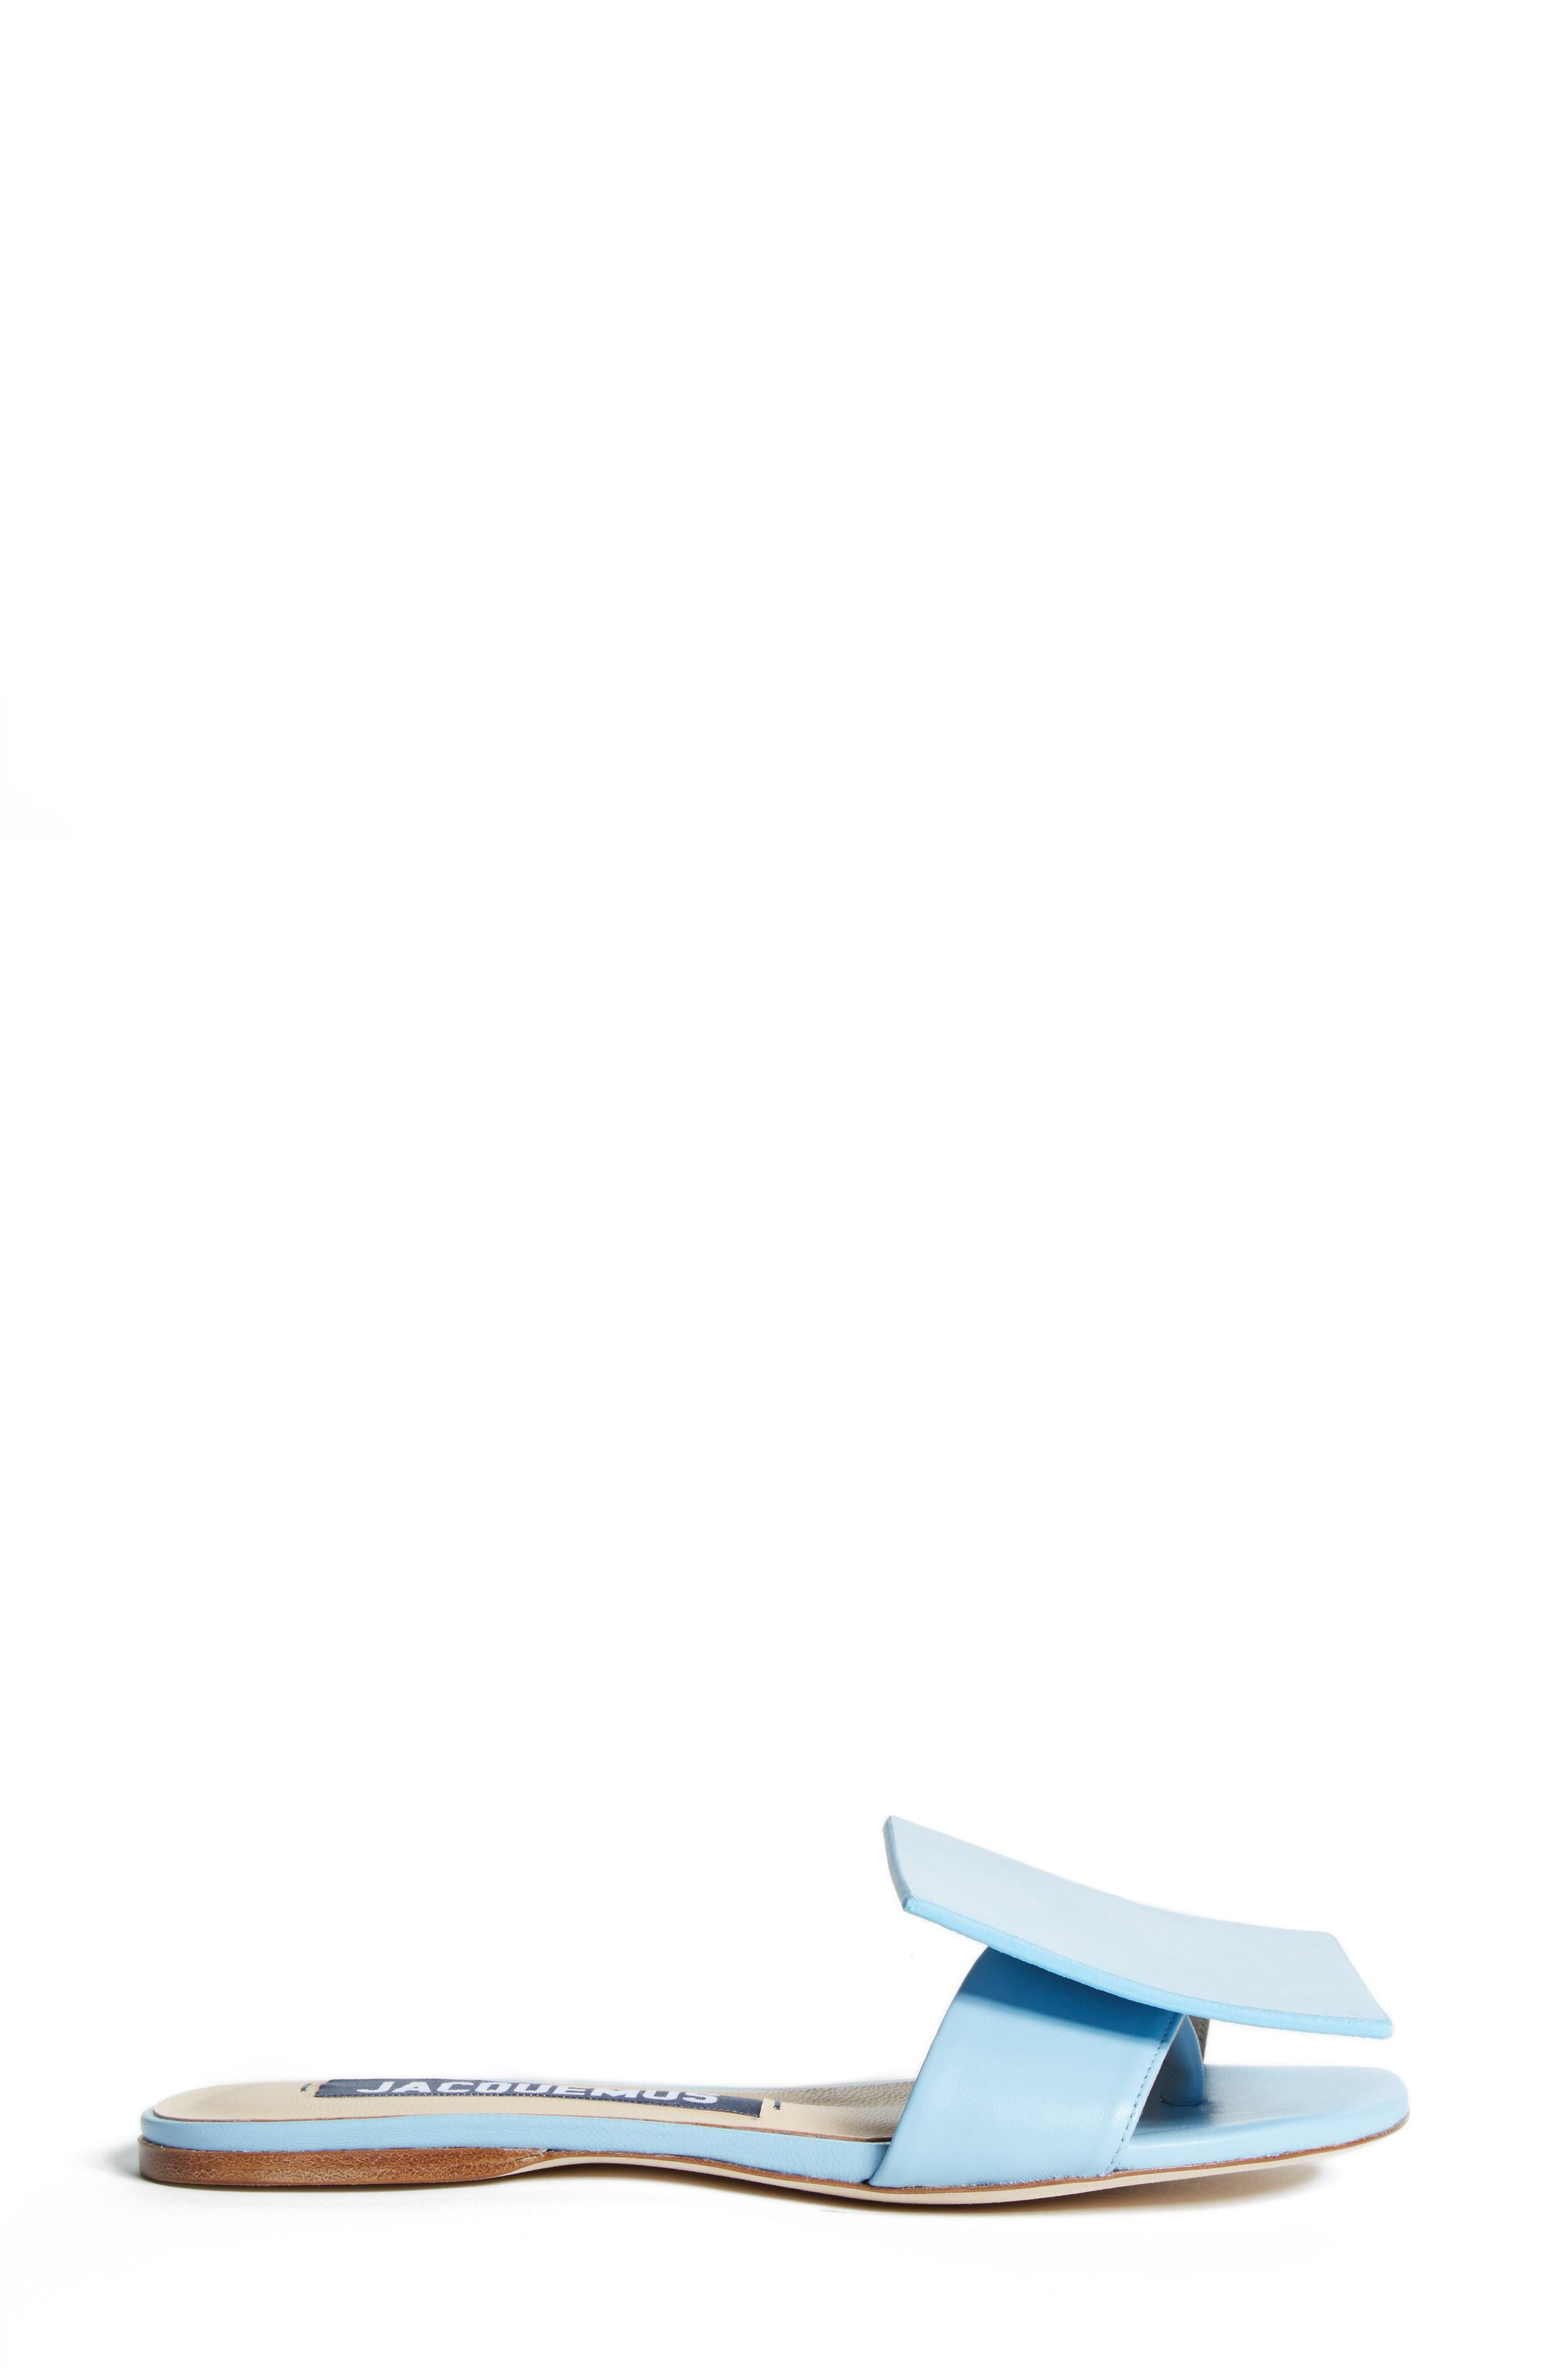 Les Sandales Rond Carré Sandal,                             Alternate thumbnail 4, color,                             Light Blue